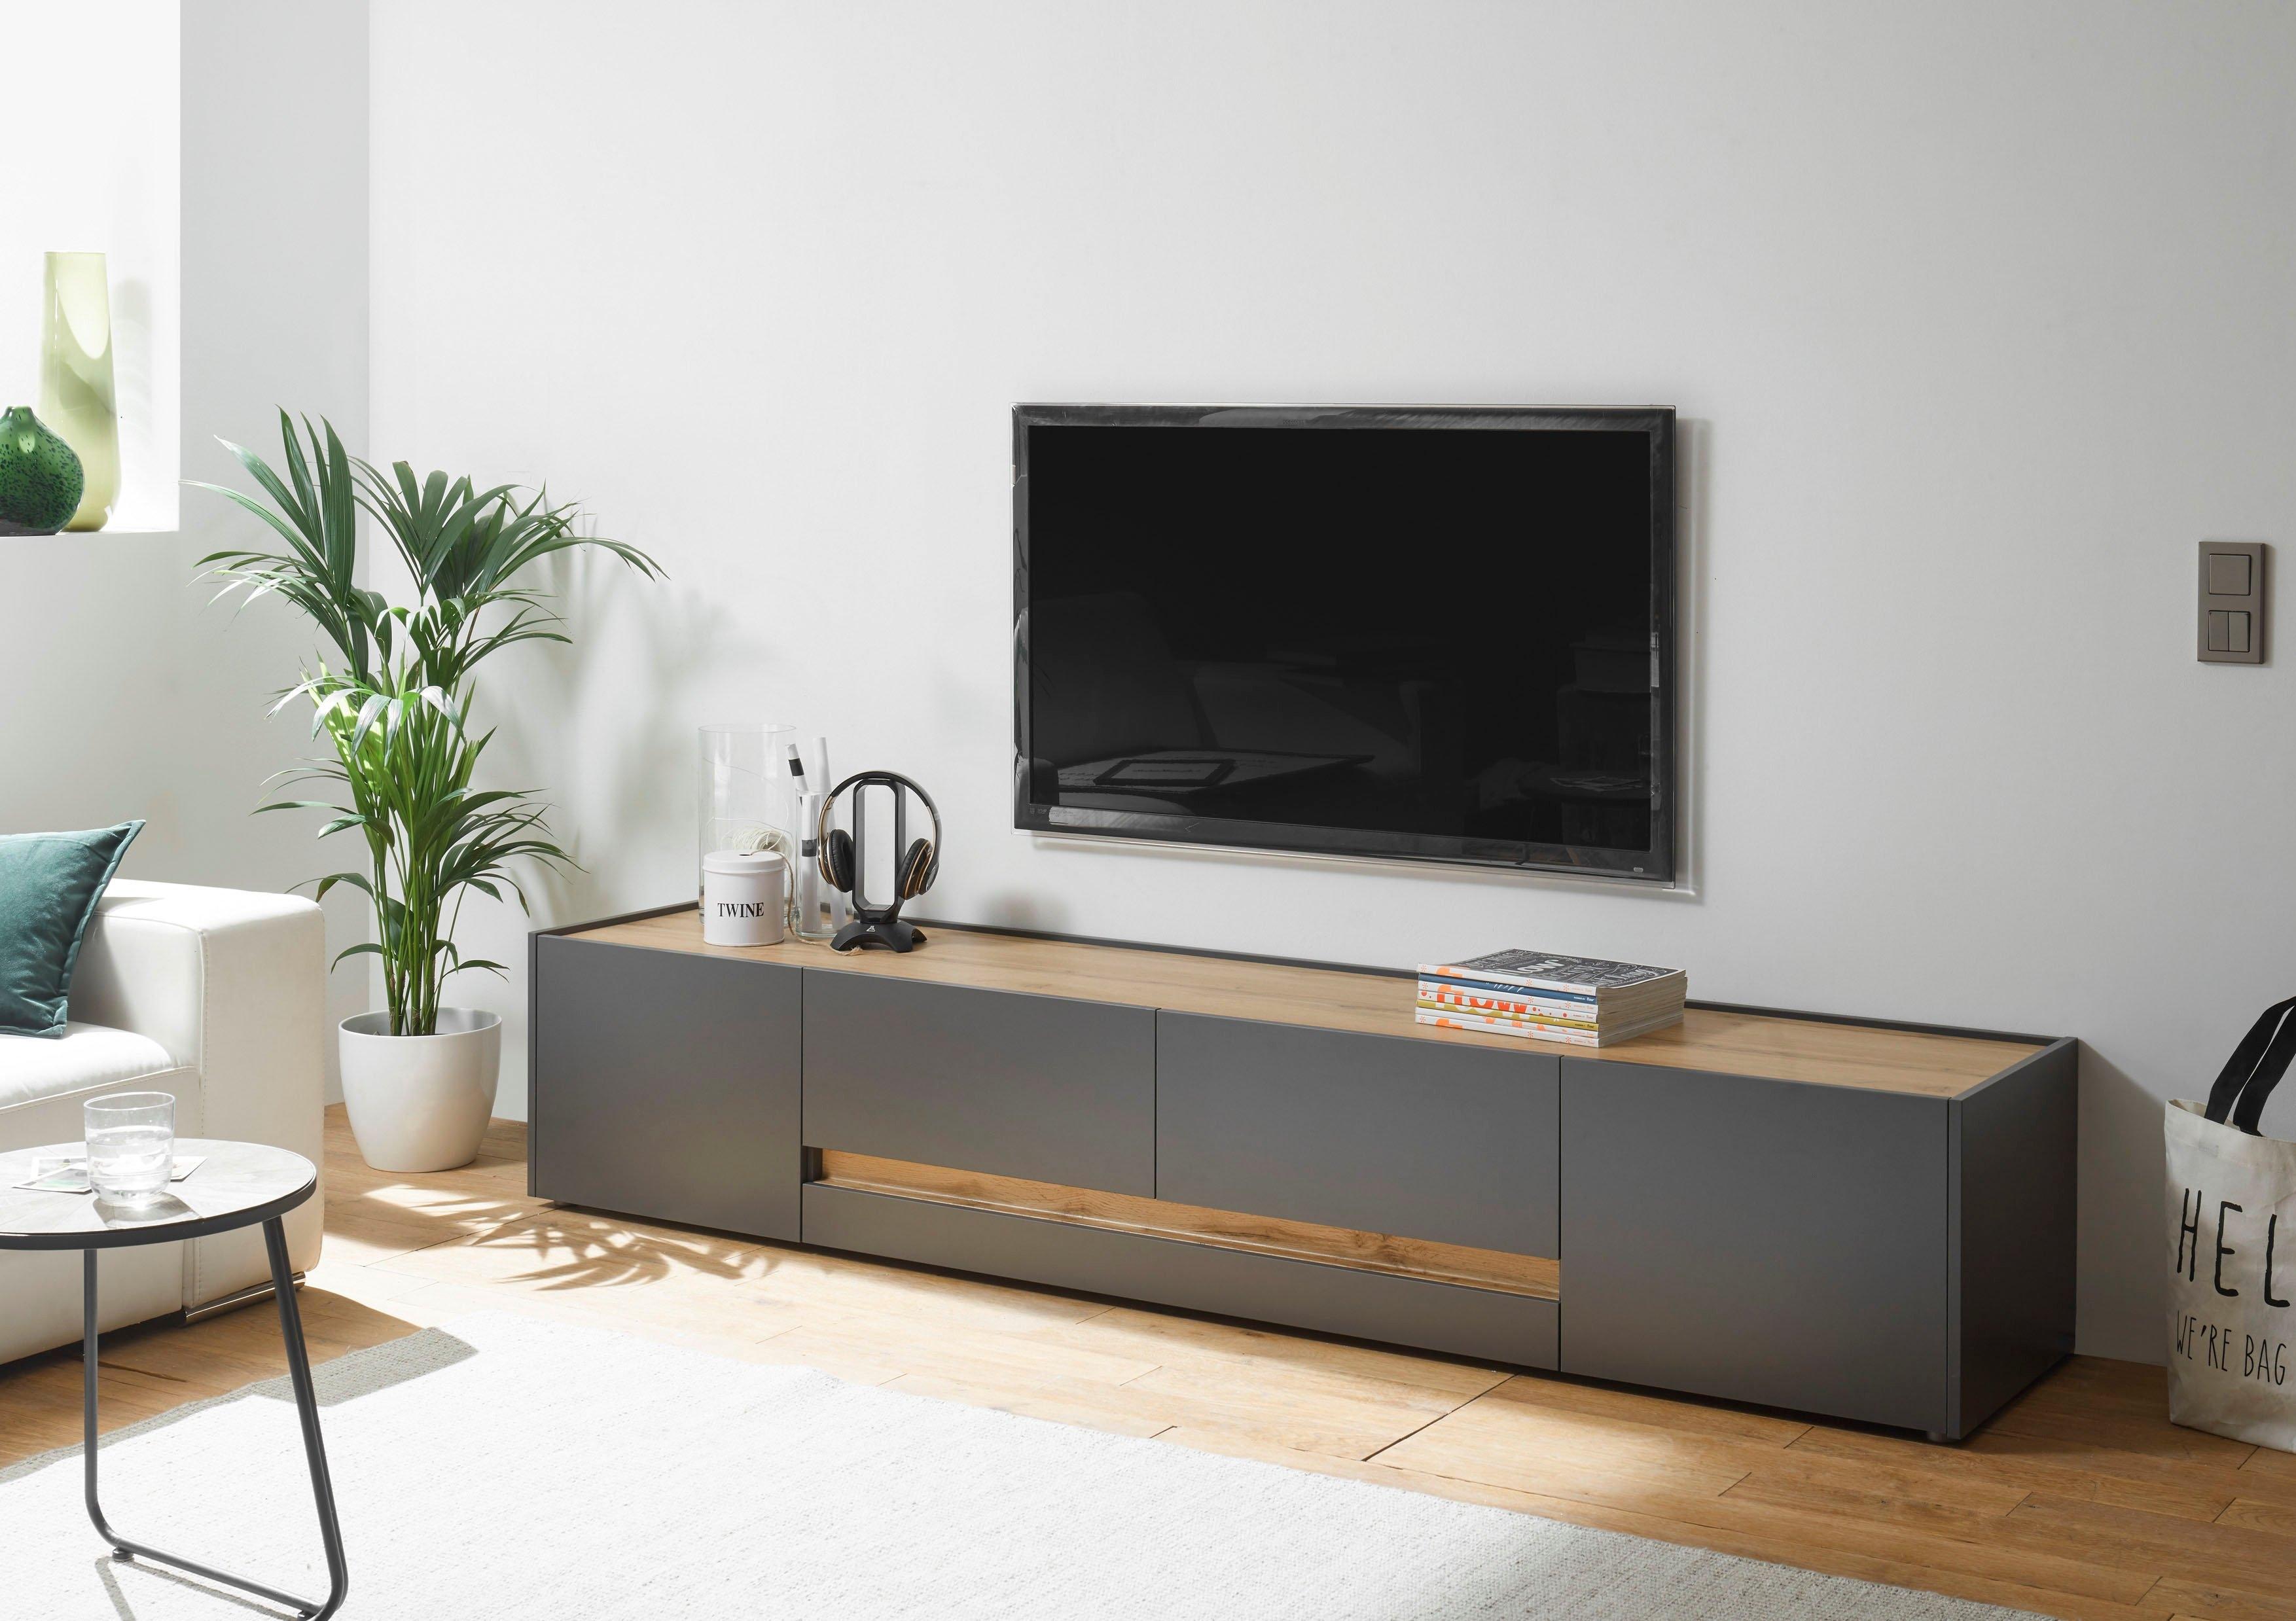 INOSIGN tv-meubel CiTY tv-meubel 33 in modern design bij OTTO online kopen